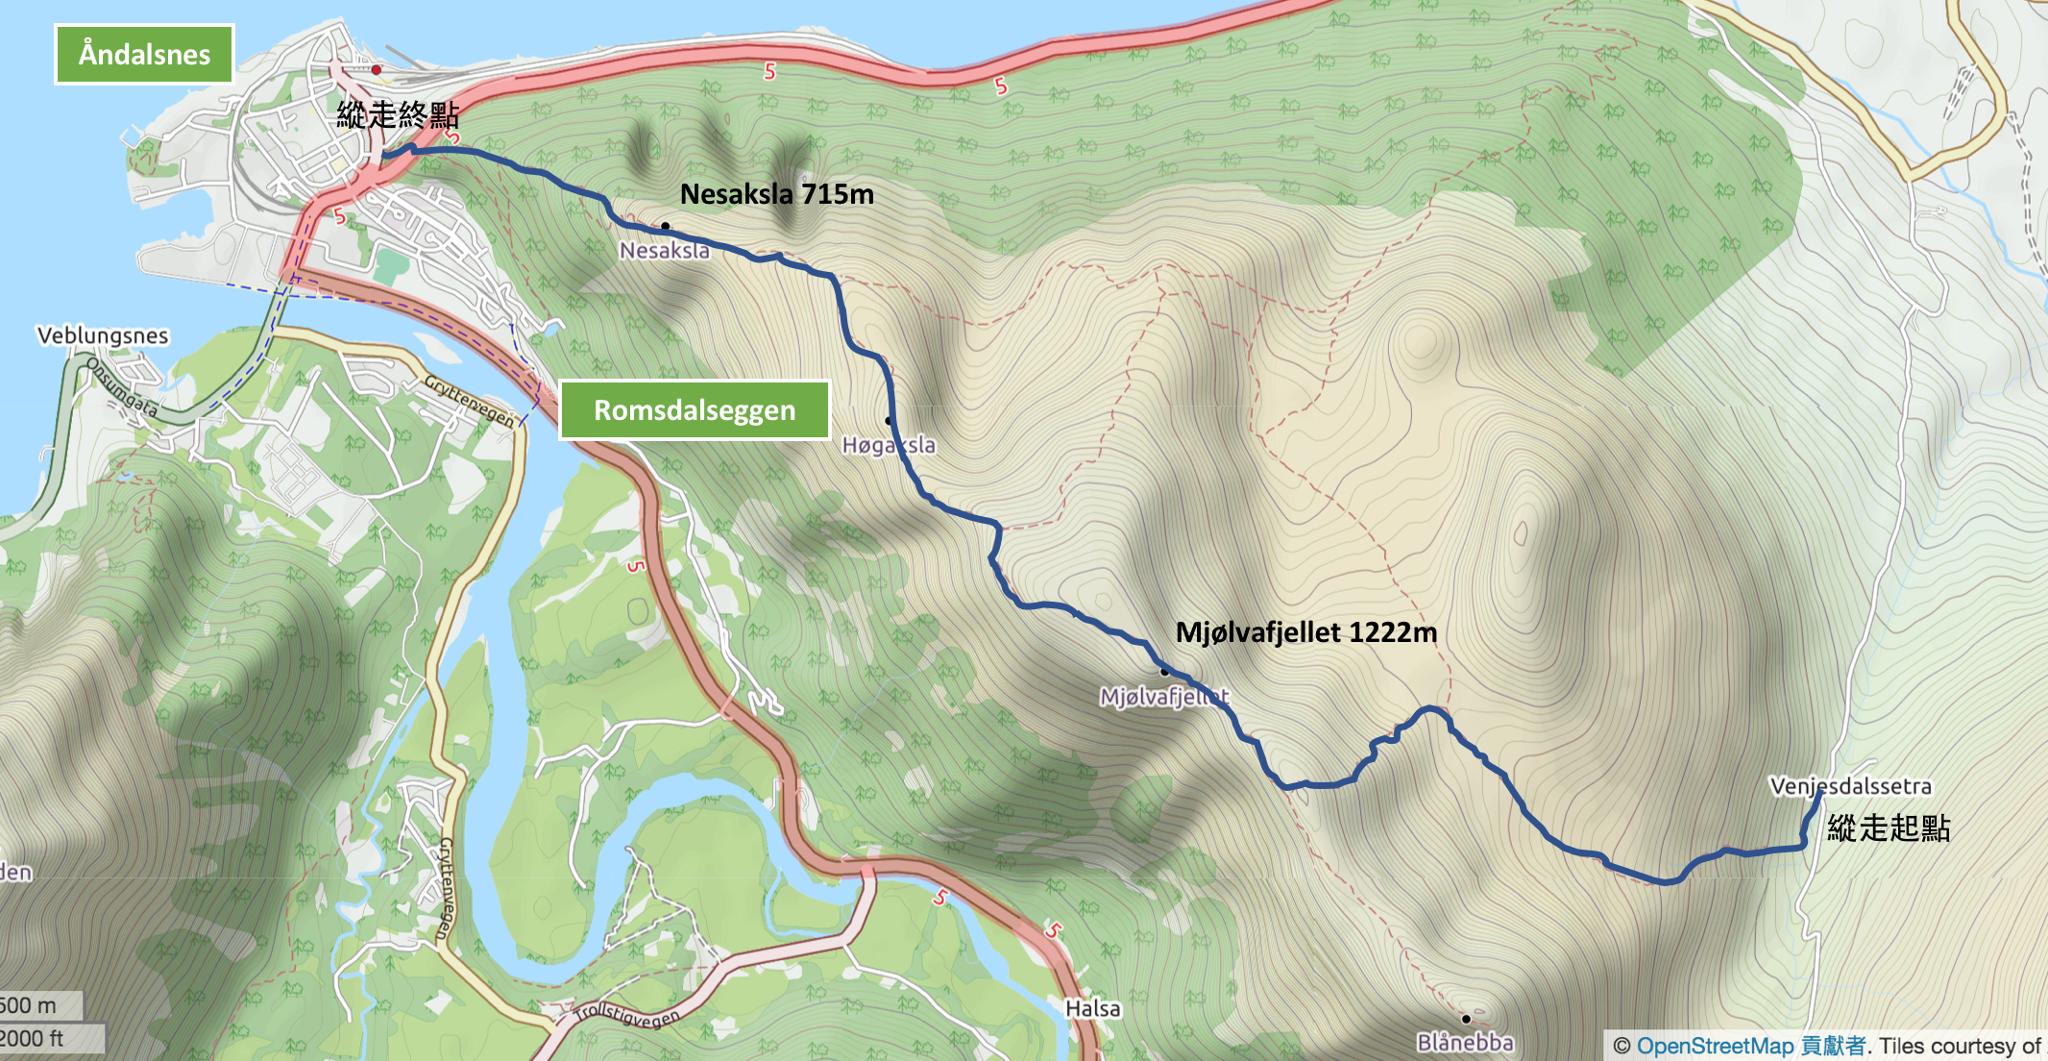 【北歐景點】峽灣區起點Åndalsnes健行 - 鳥瞰峽灣全景的Rampestreken觀景台 3